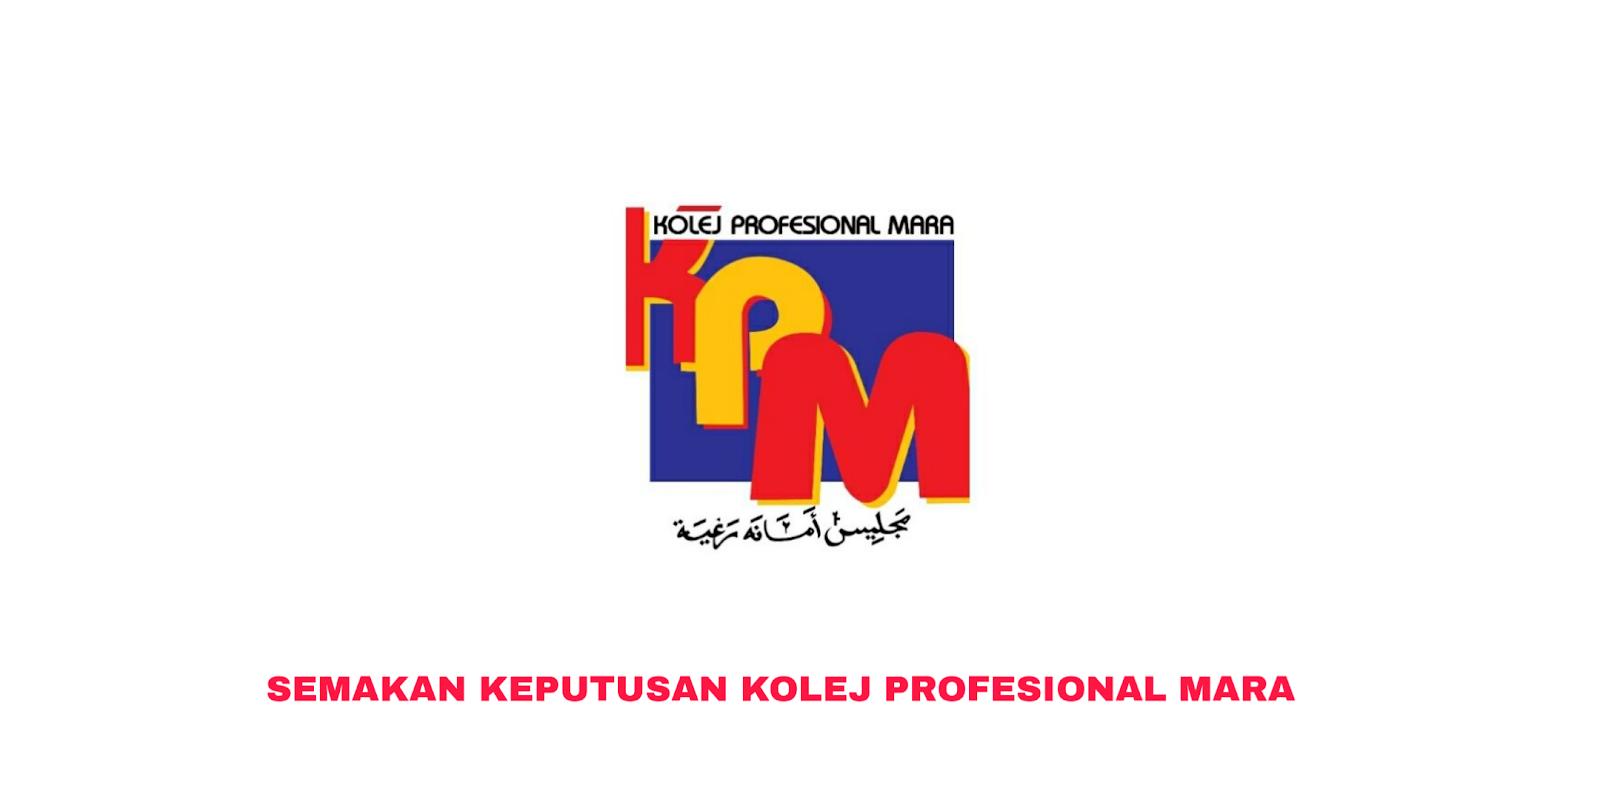 Semakan Keputusan Kolej Profesional Mara 2021 Online My Panduan